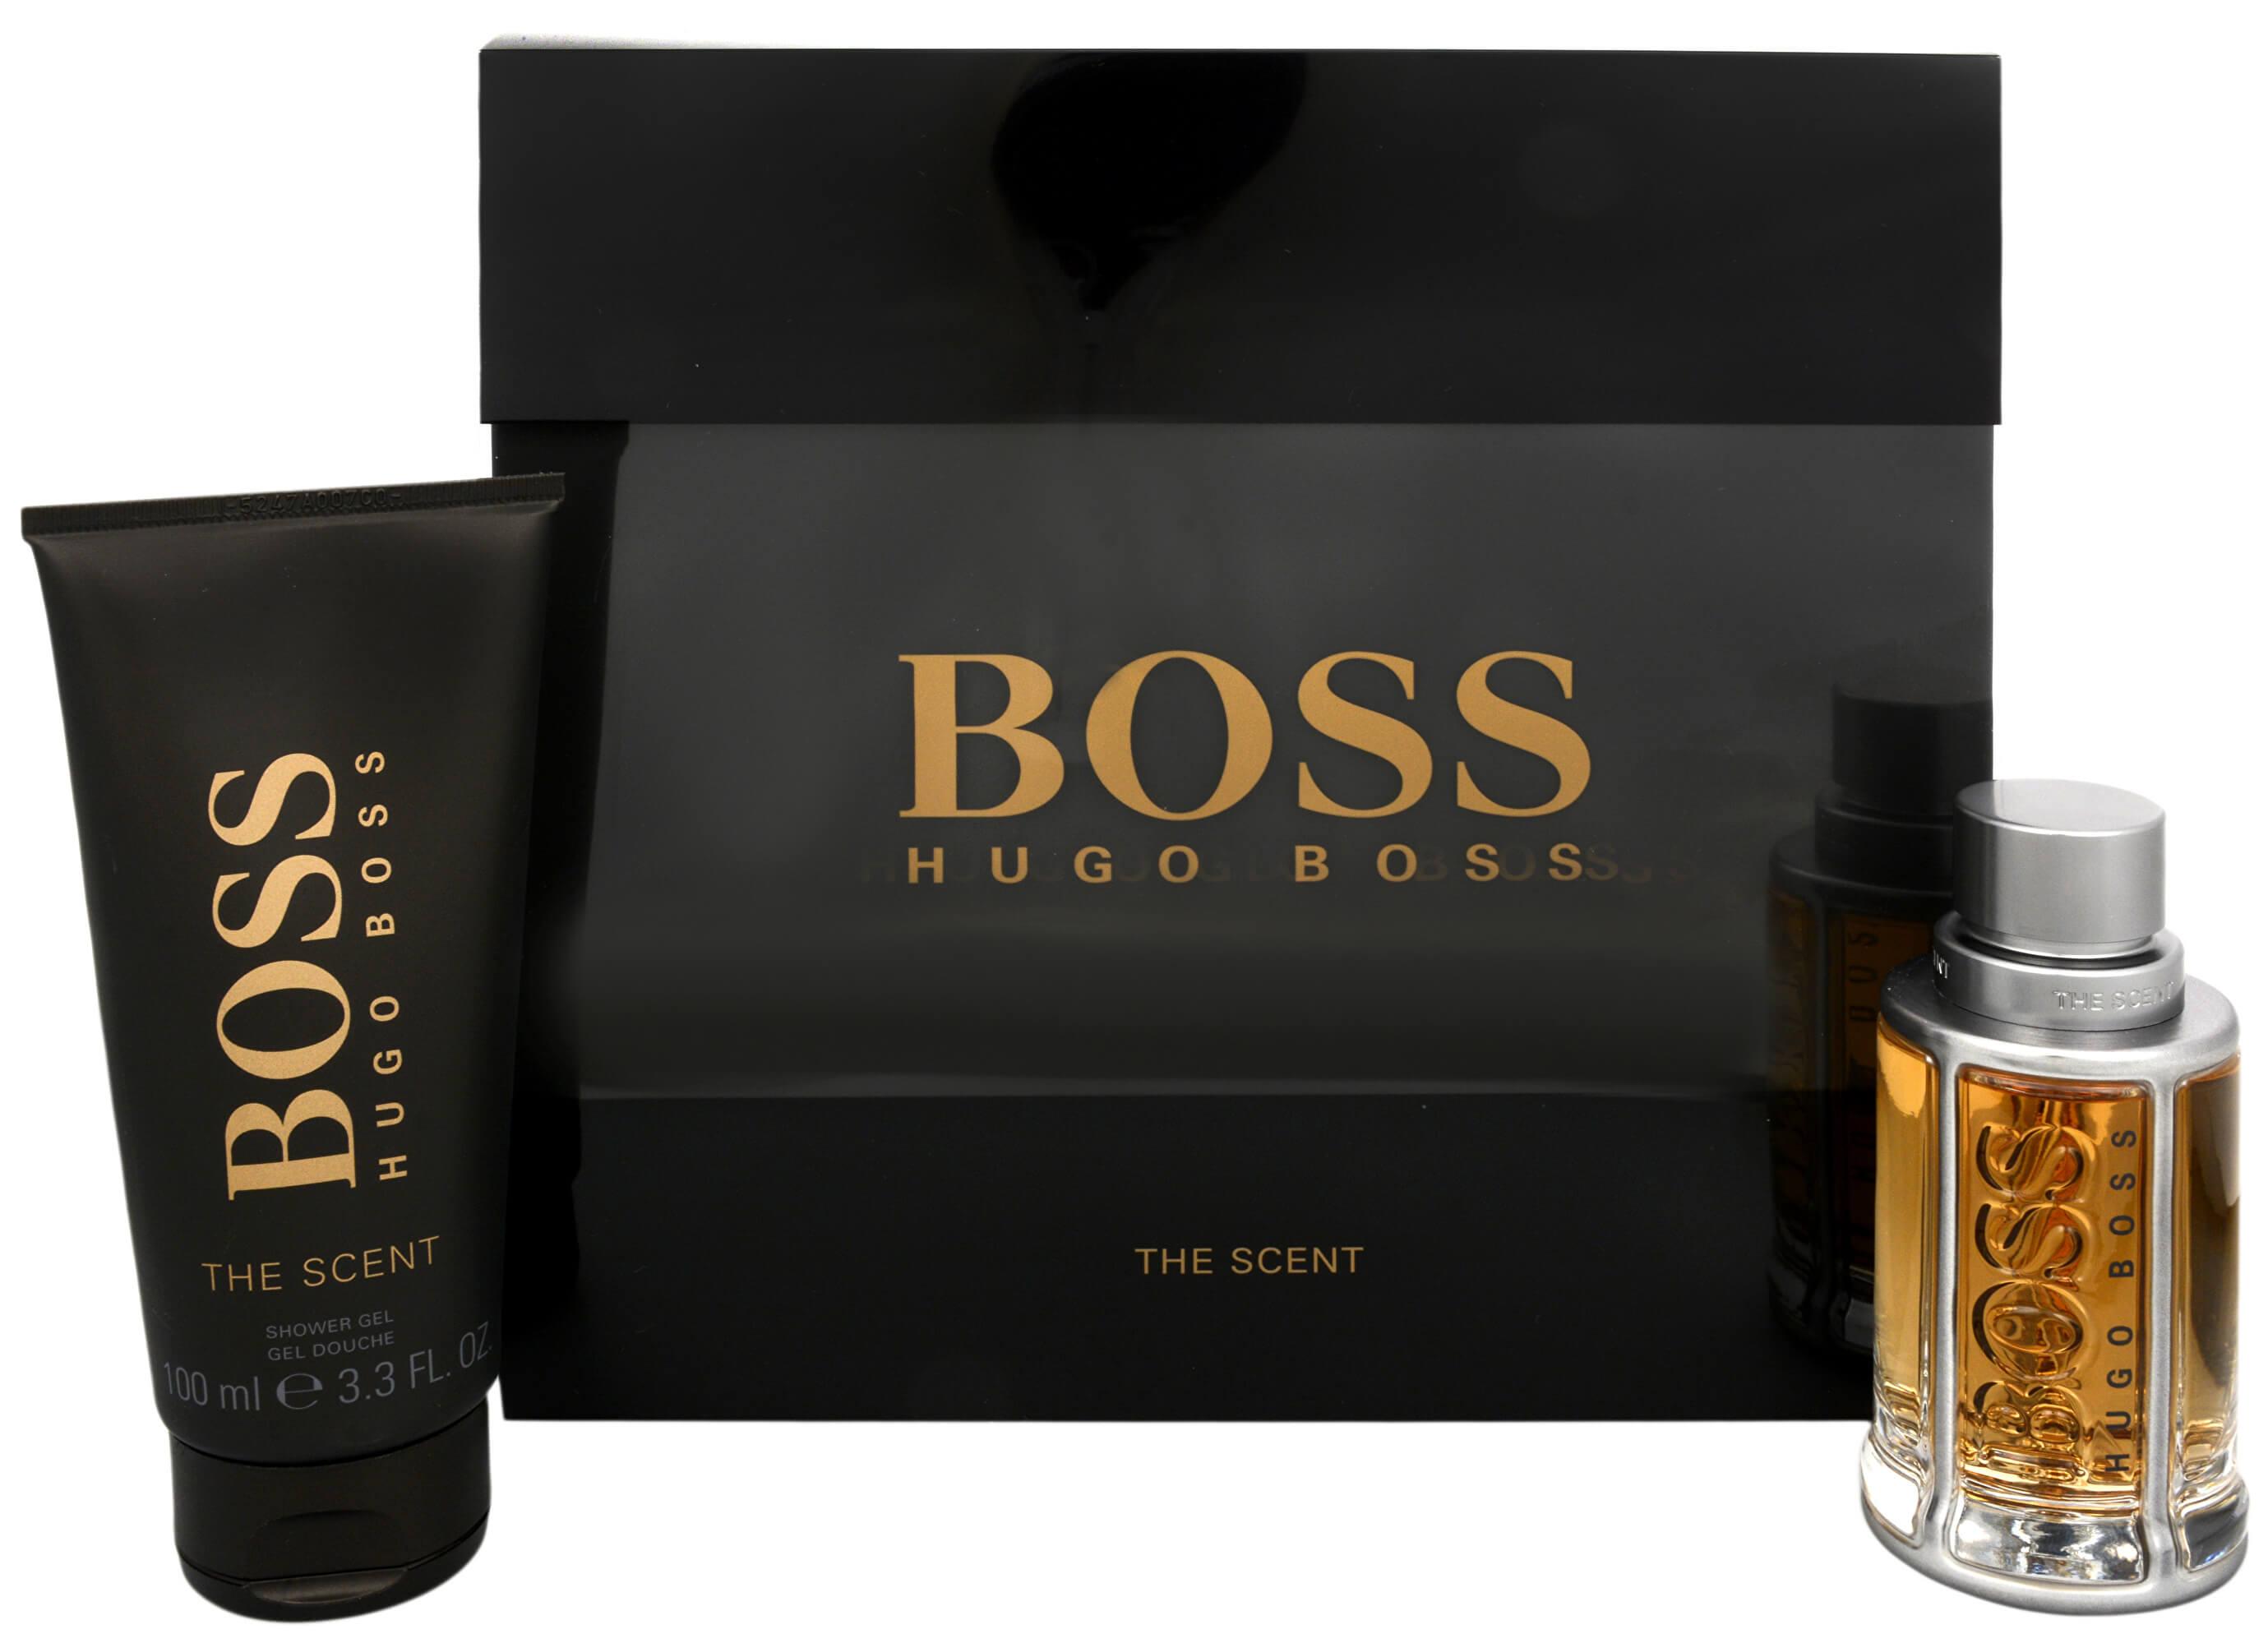 Hugo Boss Boss The Scent - EDT 50 ml + sprchový gel 100 ml + 2 měsíce na vrácení zboží